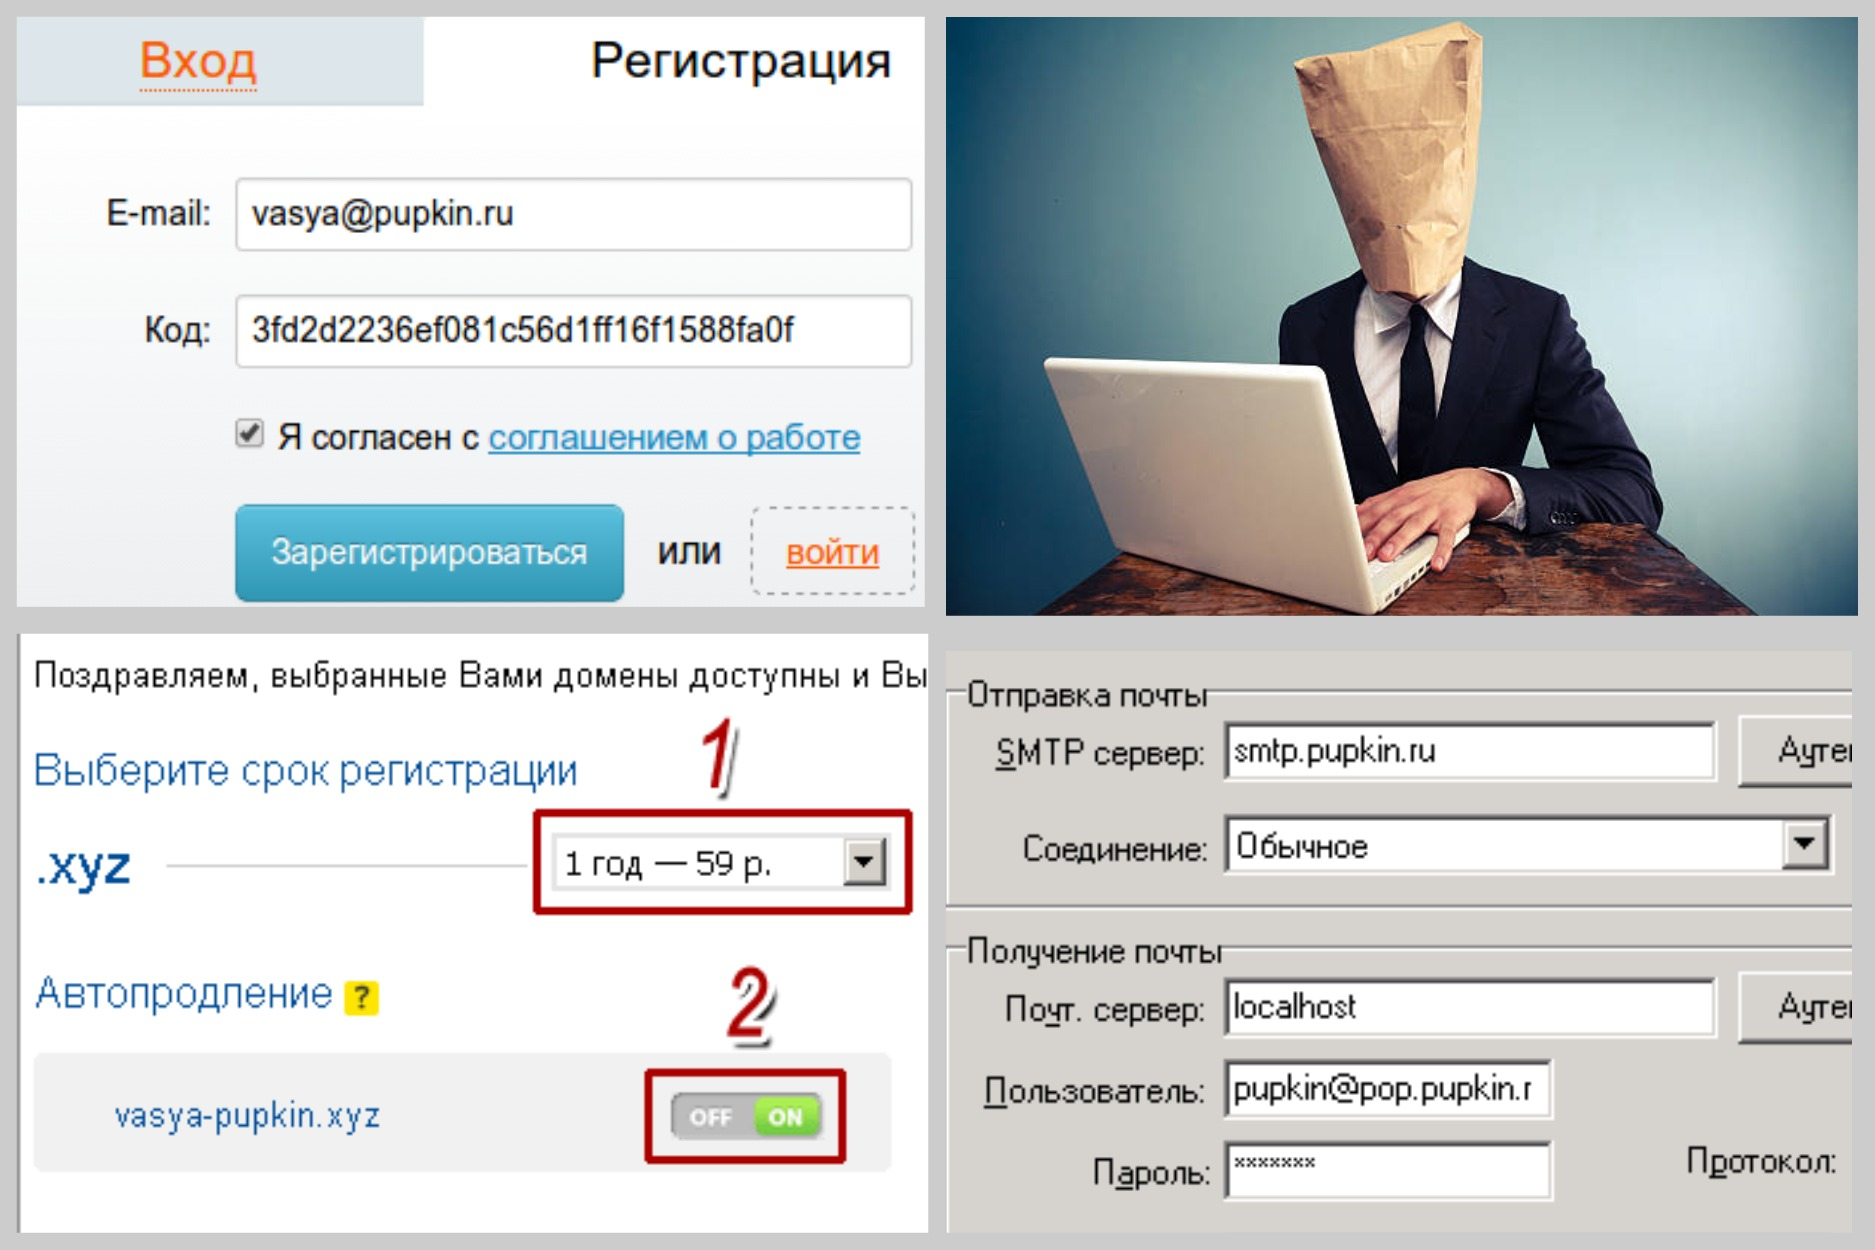 Интернет-пользователи  Рунета